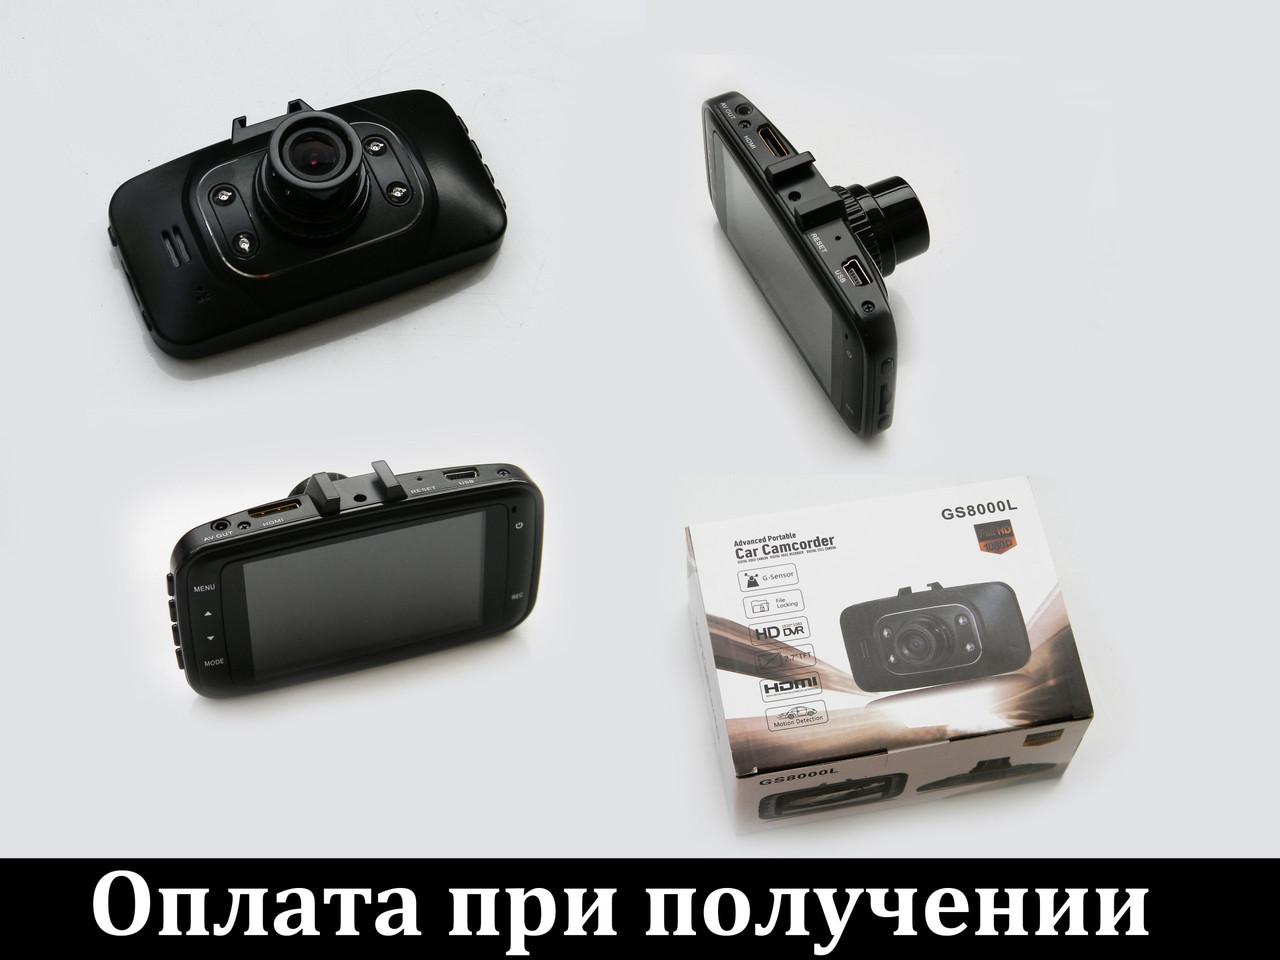 инструкцию к видеорегистратору car camcorder gs8000l